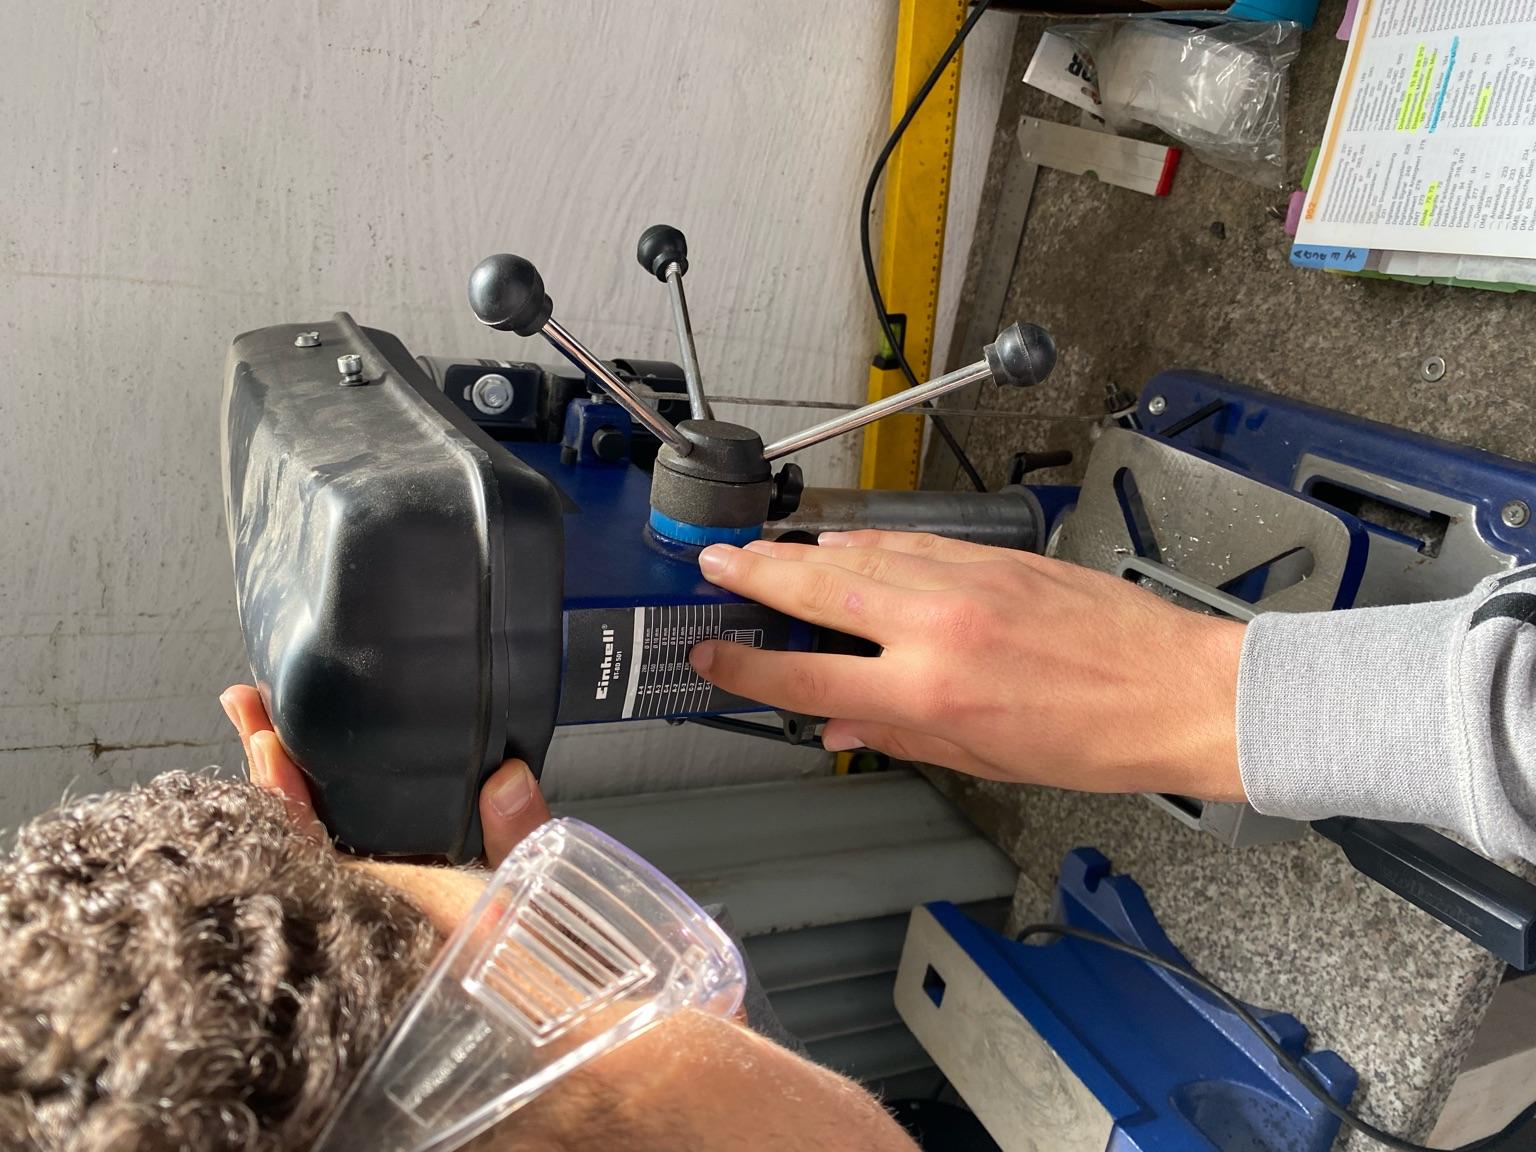 Einem Jugendlichen, mit Schutzbrille an einer Werkbank stehend und an einer Maschine arbeitend, wird von hinten über die Schulter geschaut.